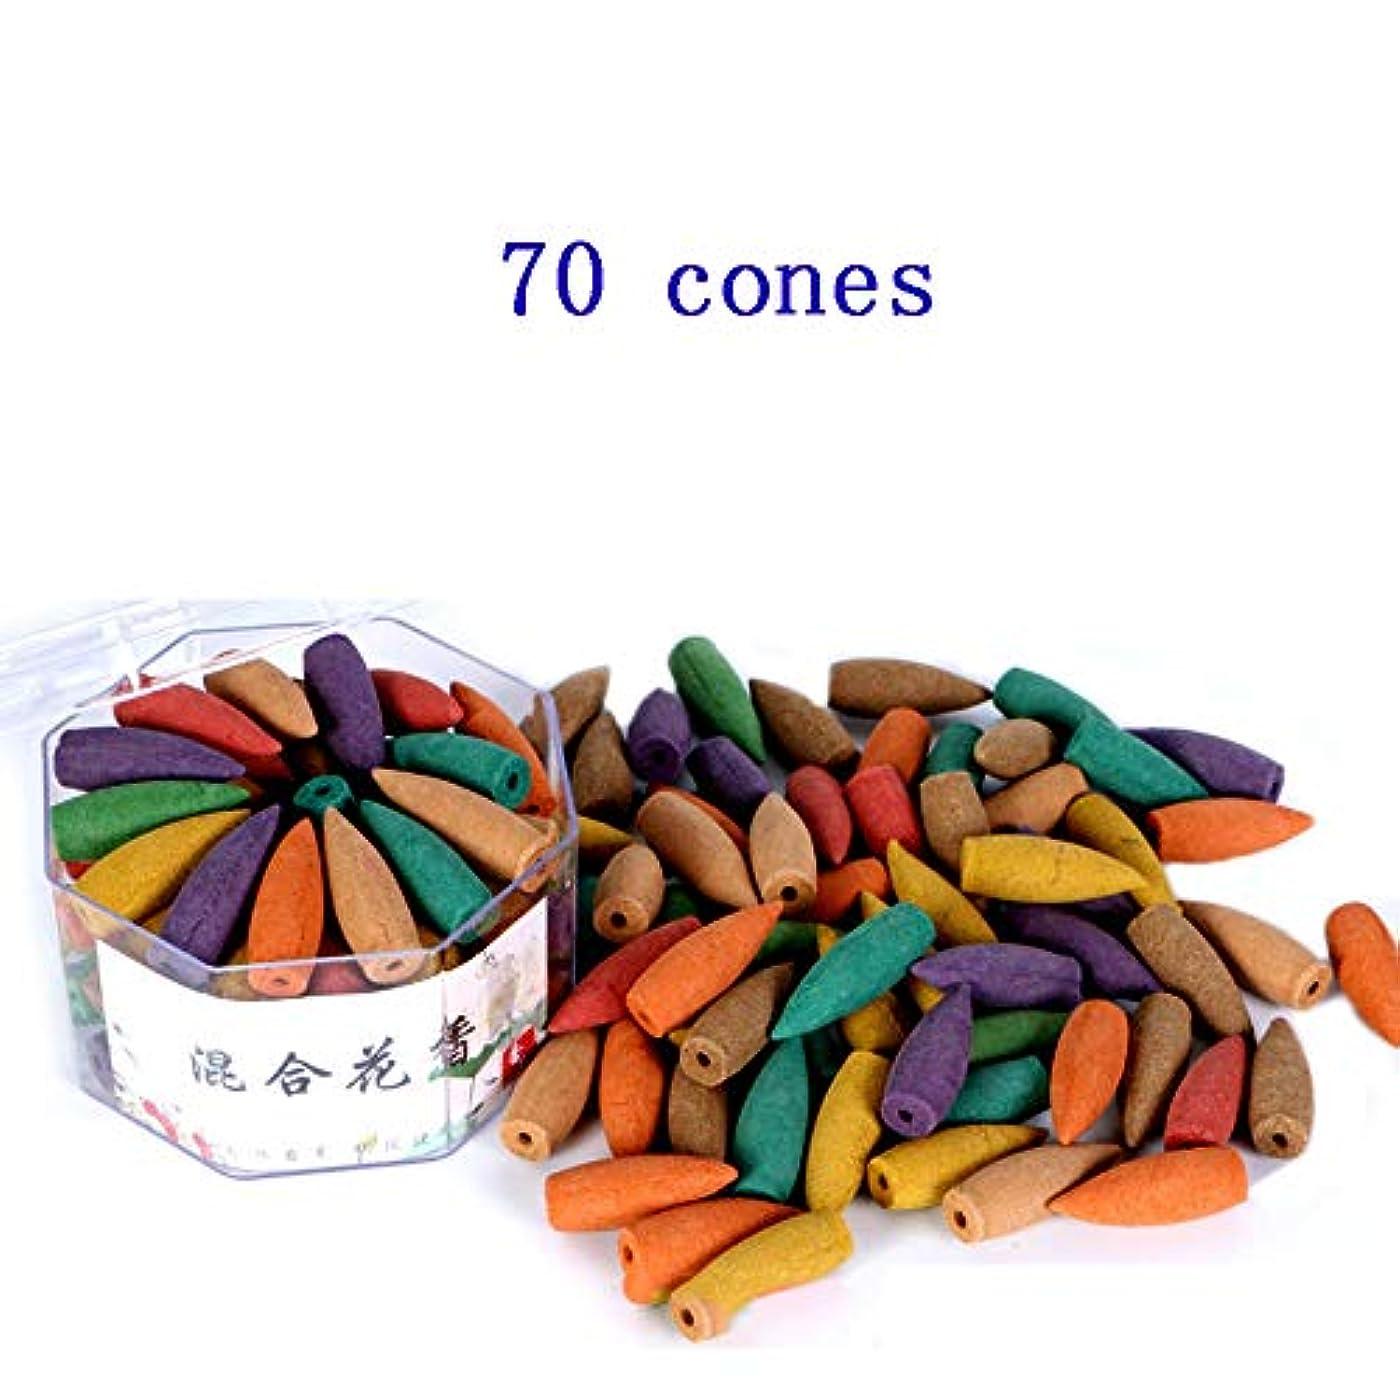 そっと導出ソース(In-70mixed) - Corcio 70pcs/box Lengthened Cone Tower Incense Backflow Incense Waterfall Cones for Incense Burner...